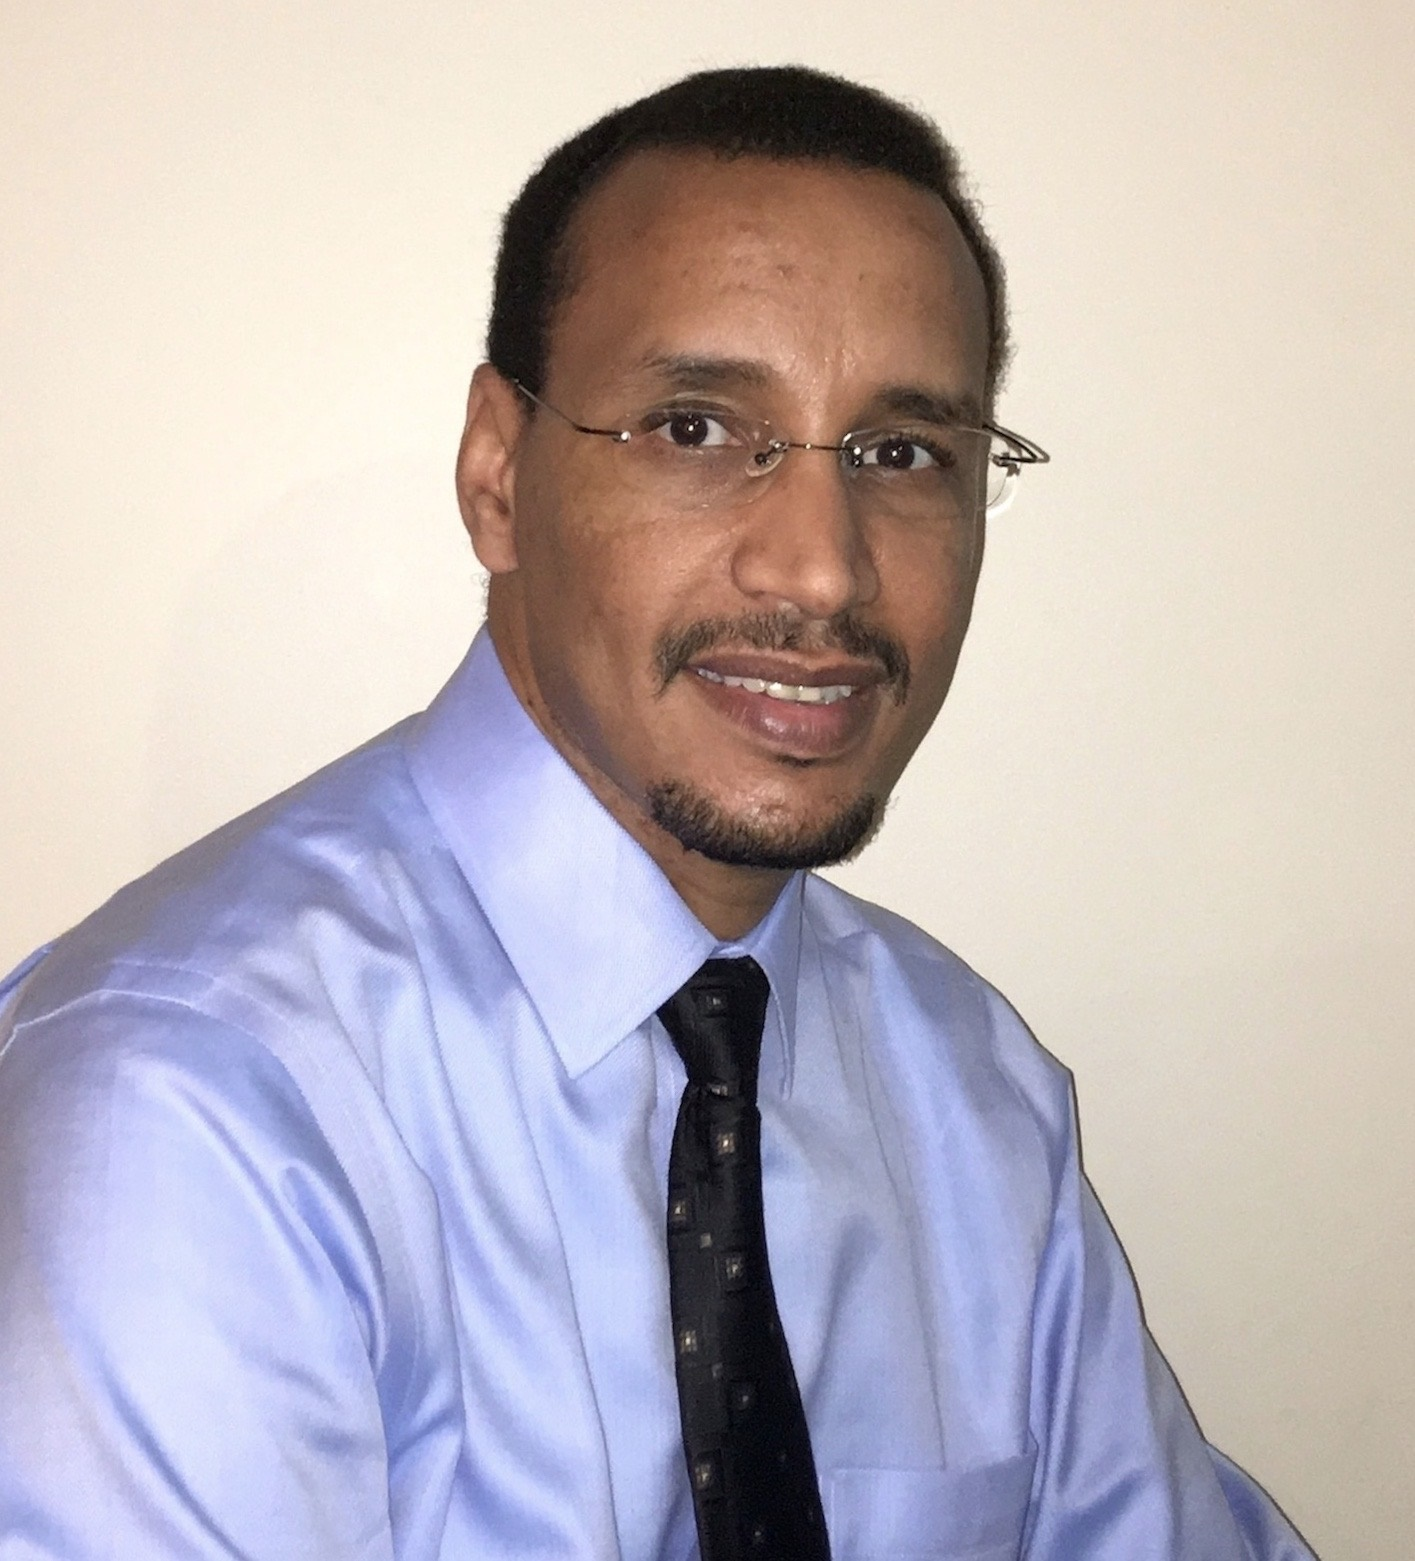 عبد الله بيان